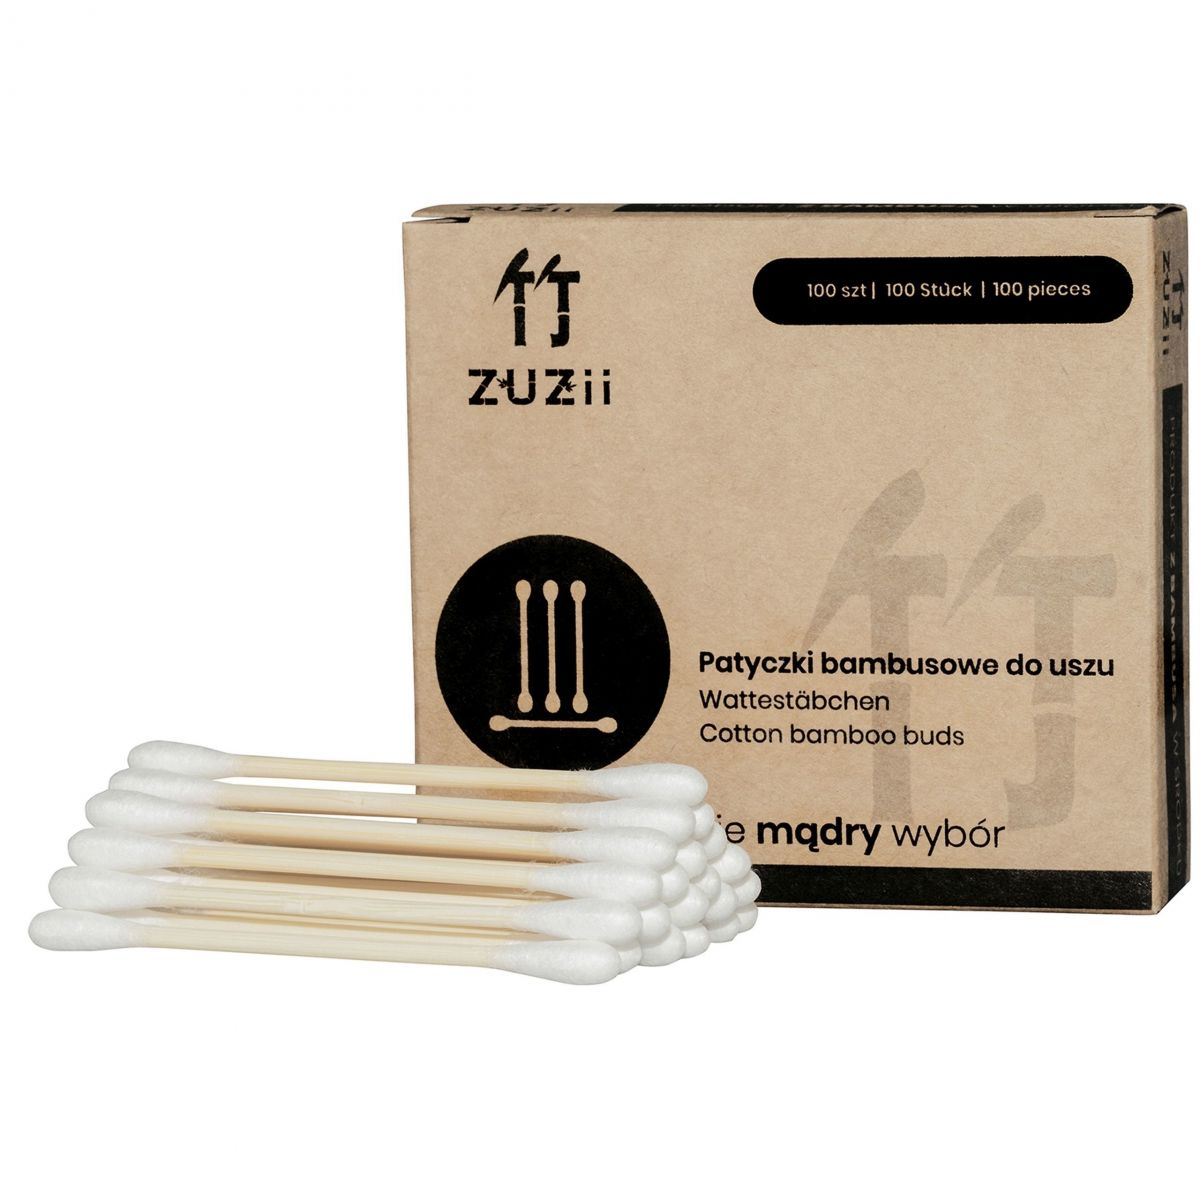 Bambusowe patyczki kosmetyczne do uszu - 100sztuk - Zuzii